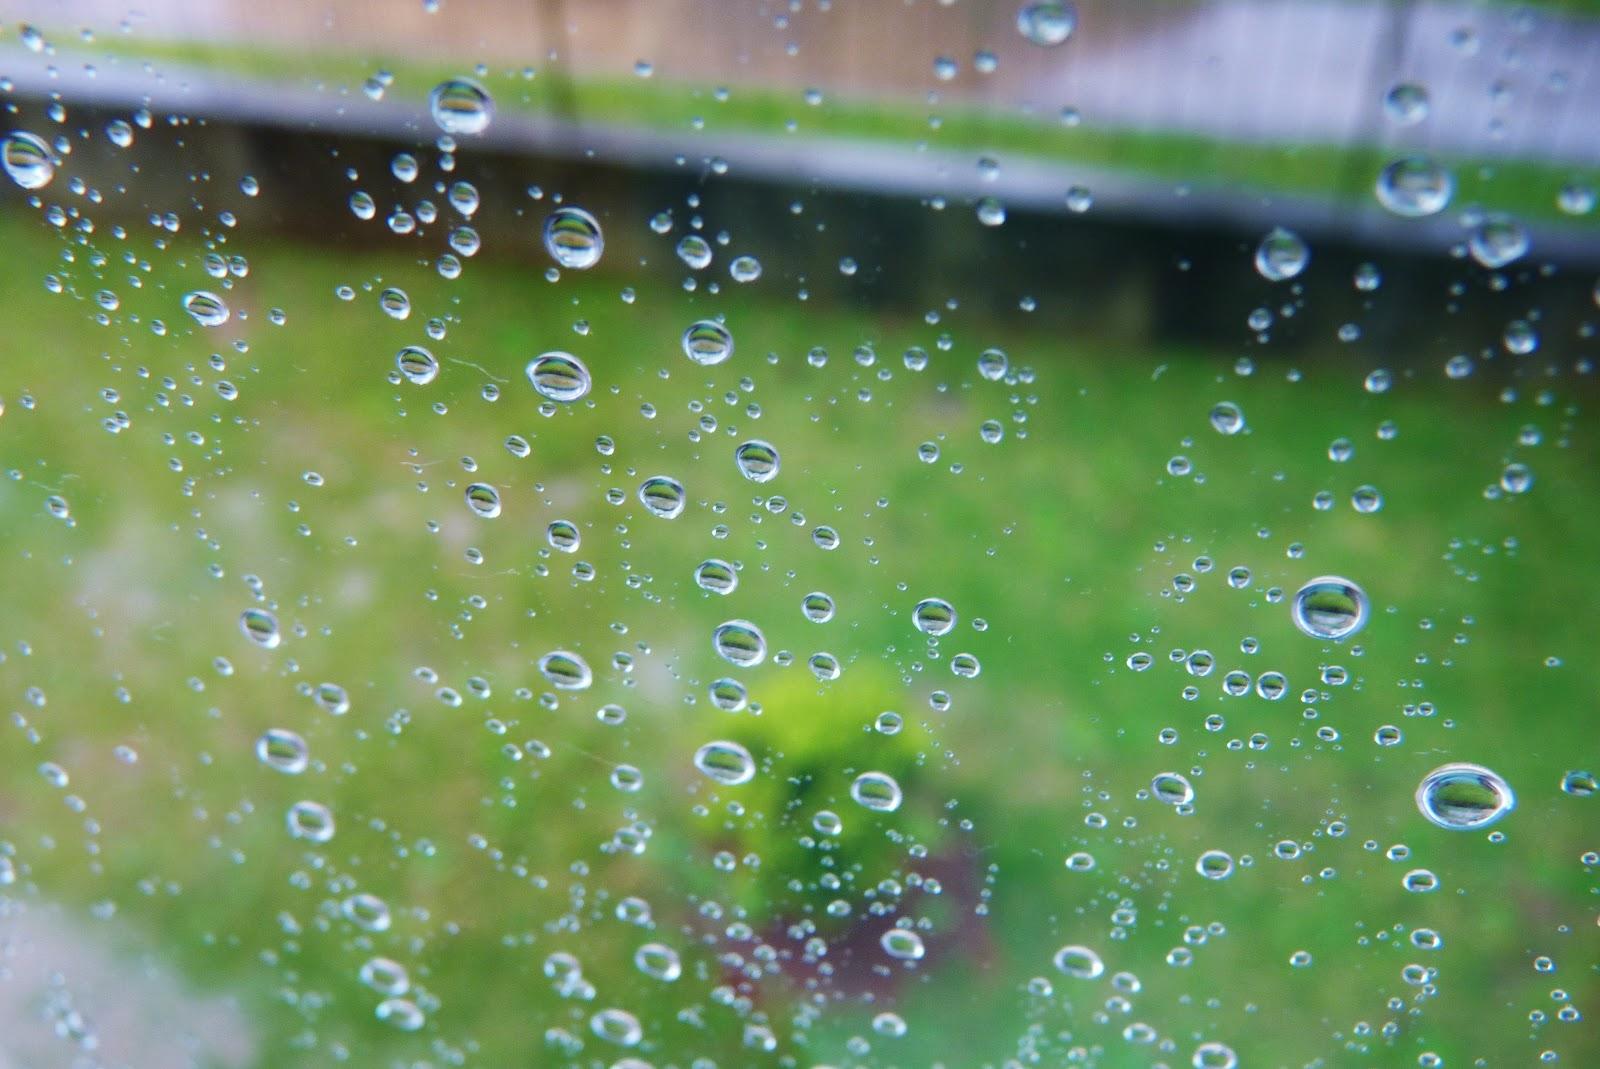 Gotas de chuva na janela ou pingos caindo em câmera lenta: ilustra a seção a respeito dos textos das linhas de ''Hsieh / Liberação'', um dos 64 hexagramas do I Ching, o Livro das Mutações